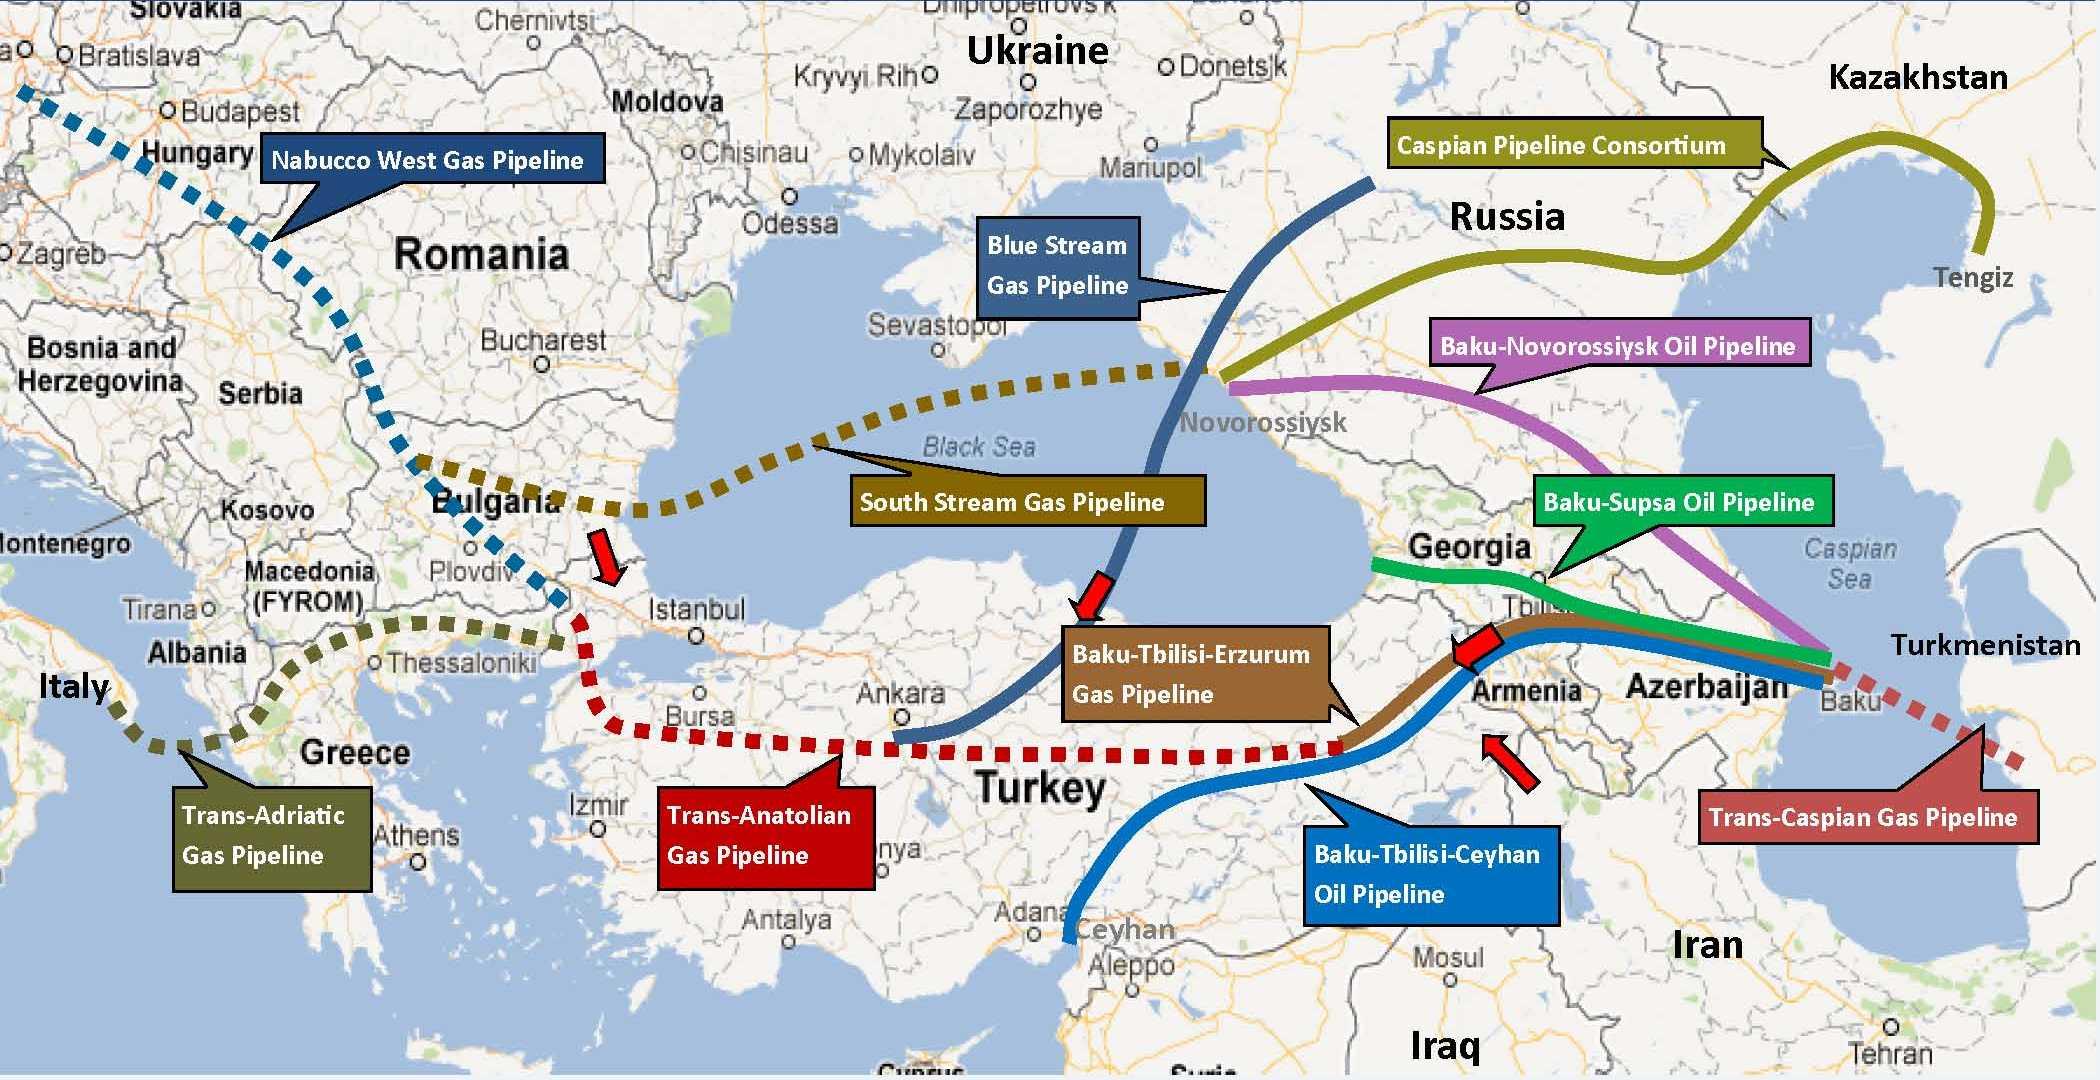 Διευρύνεται ο «Νότιος Διάδρομος» ή η Ε.Ε. ανοίγει νέο μέτωπο με την Ρωσία;